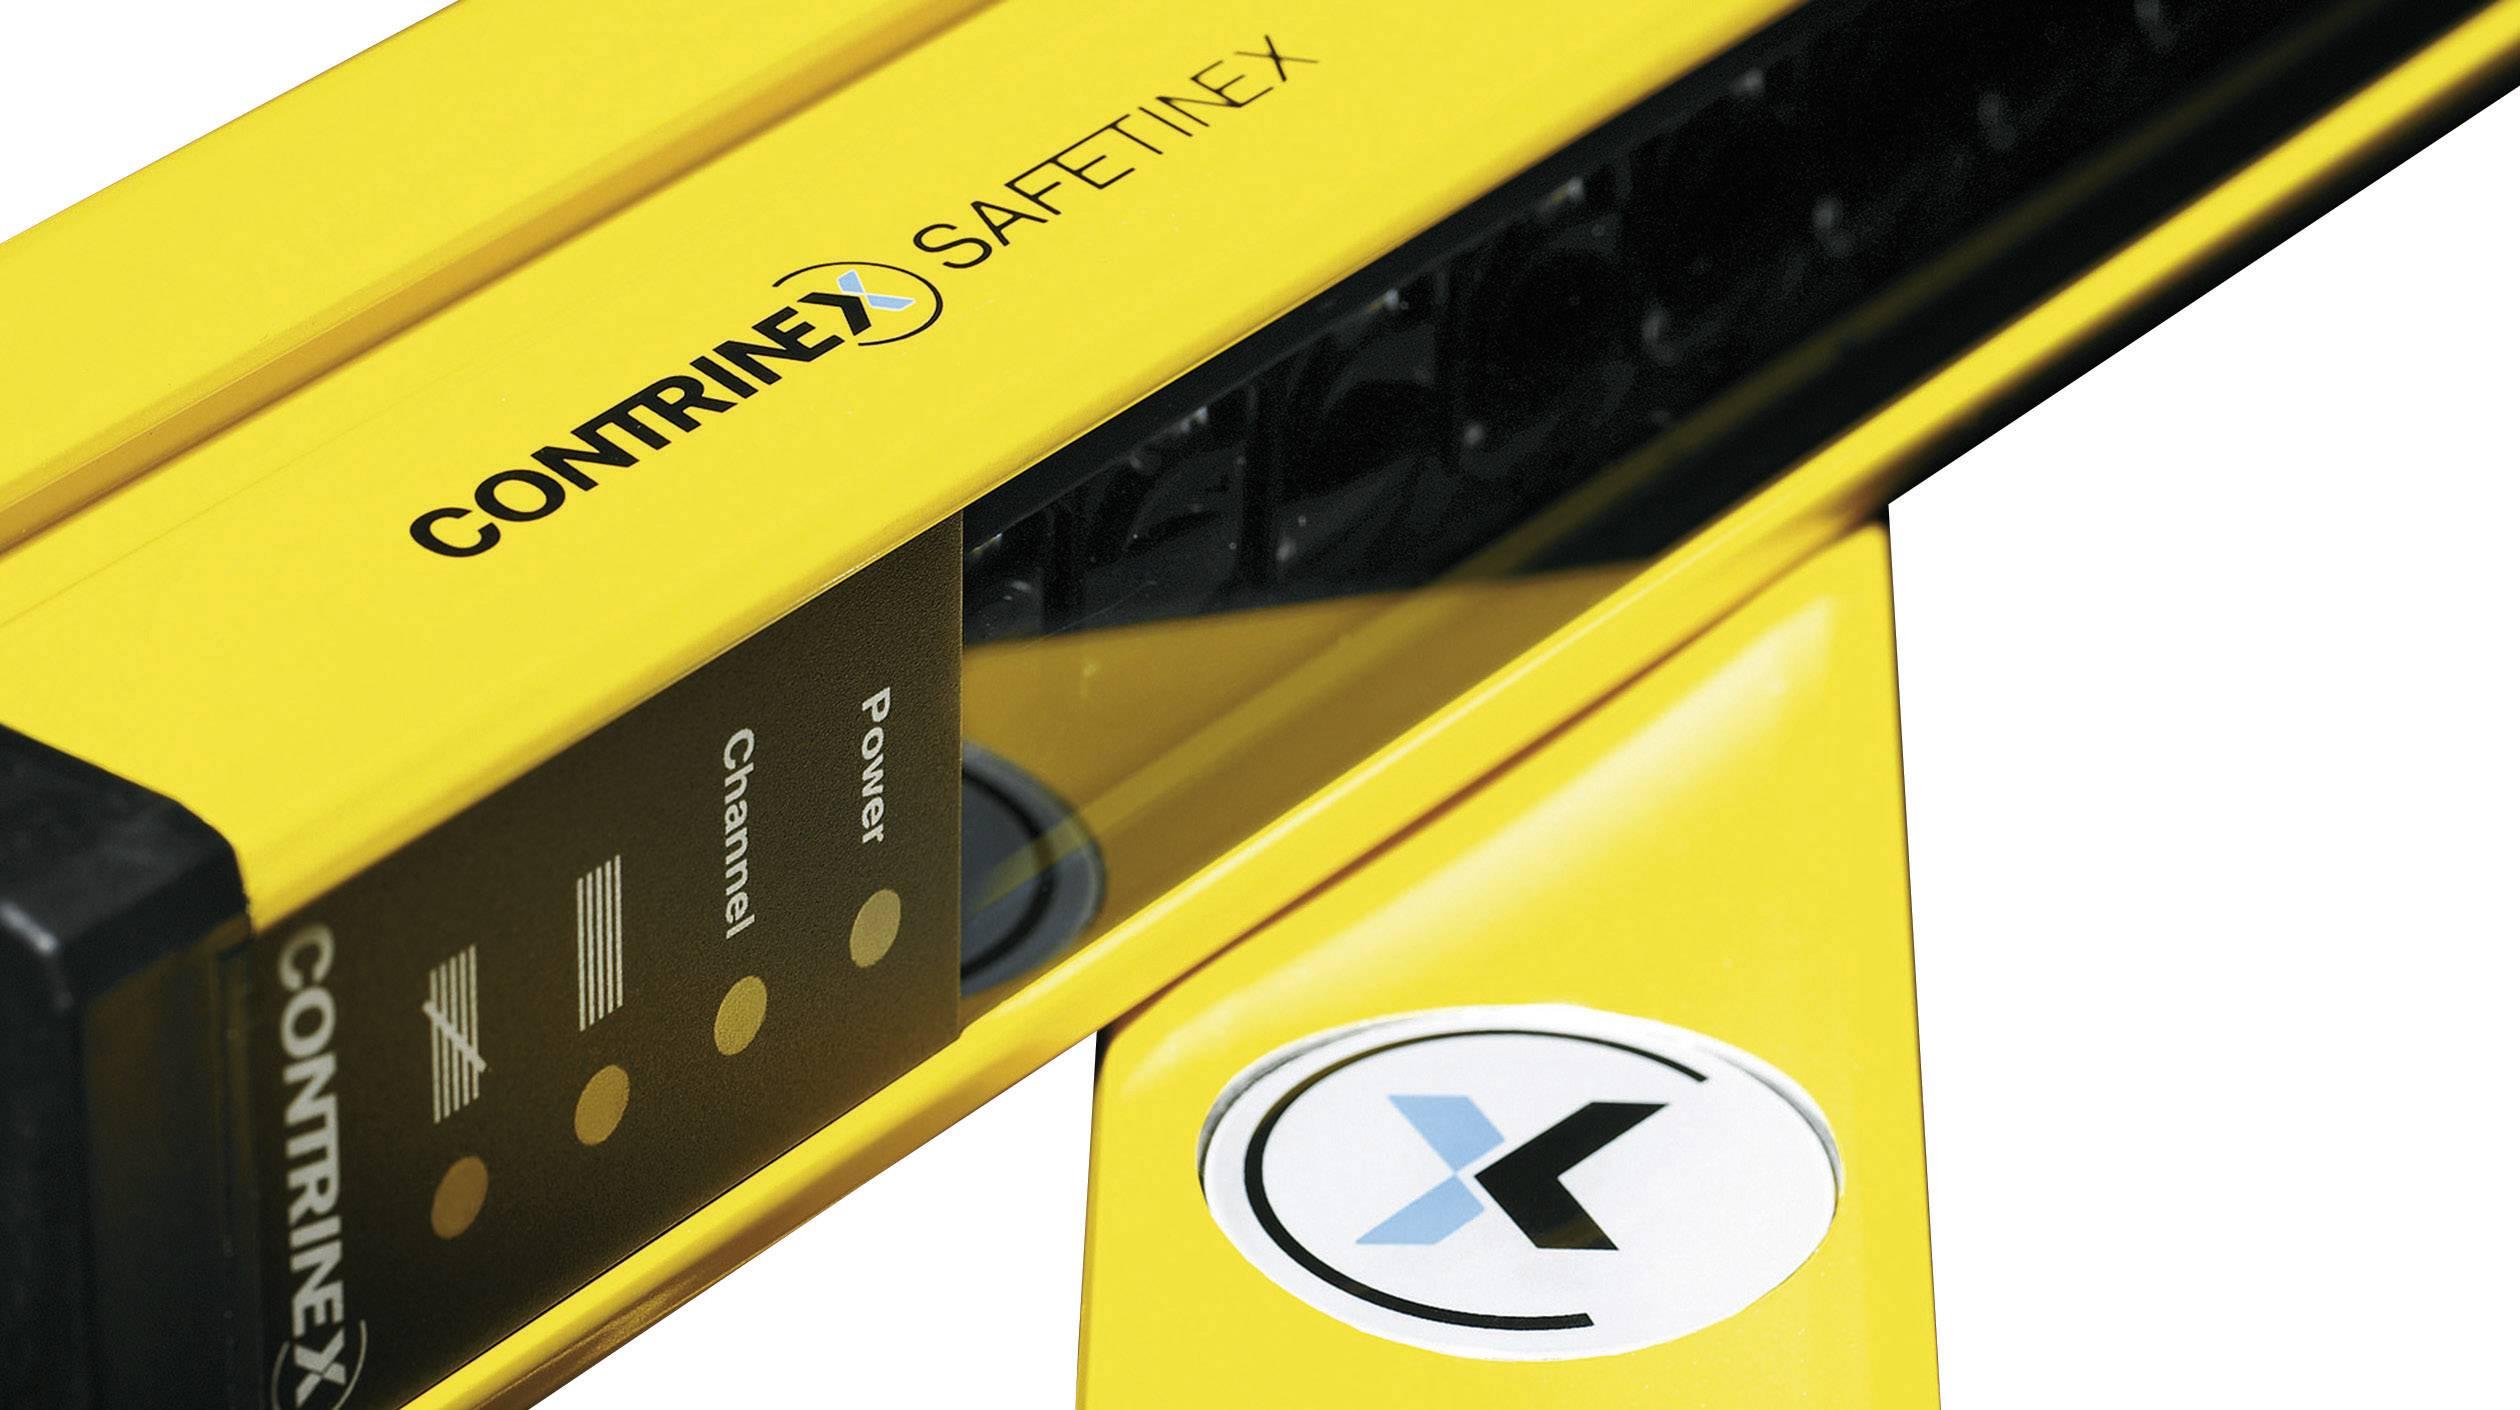 Bezpečnostní světelná závora pro ochranu rukou Contrinex YBB-30R4-1700-G012 630 000 735